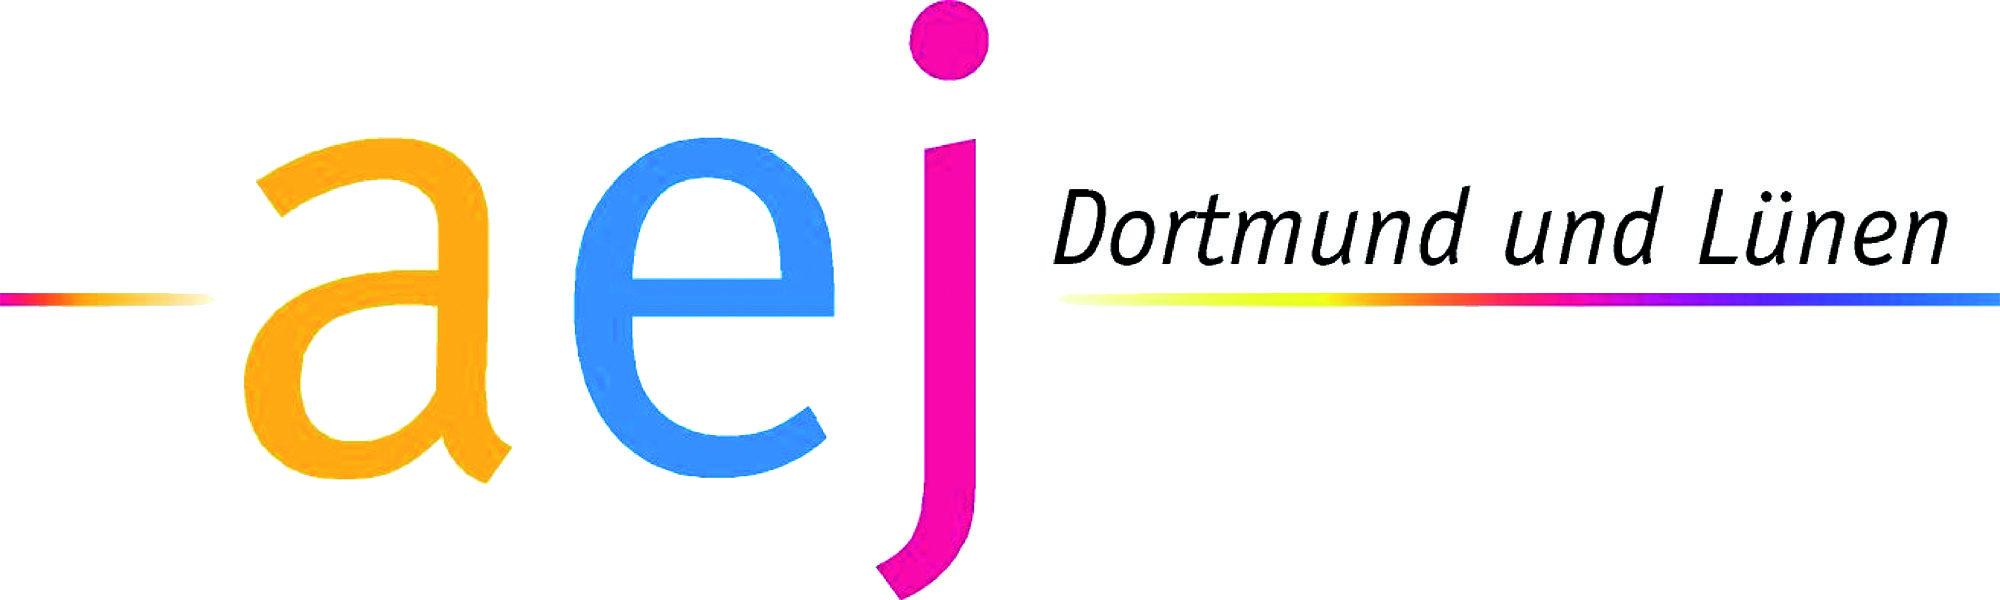 aej Dortmund und Lünen